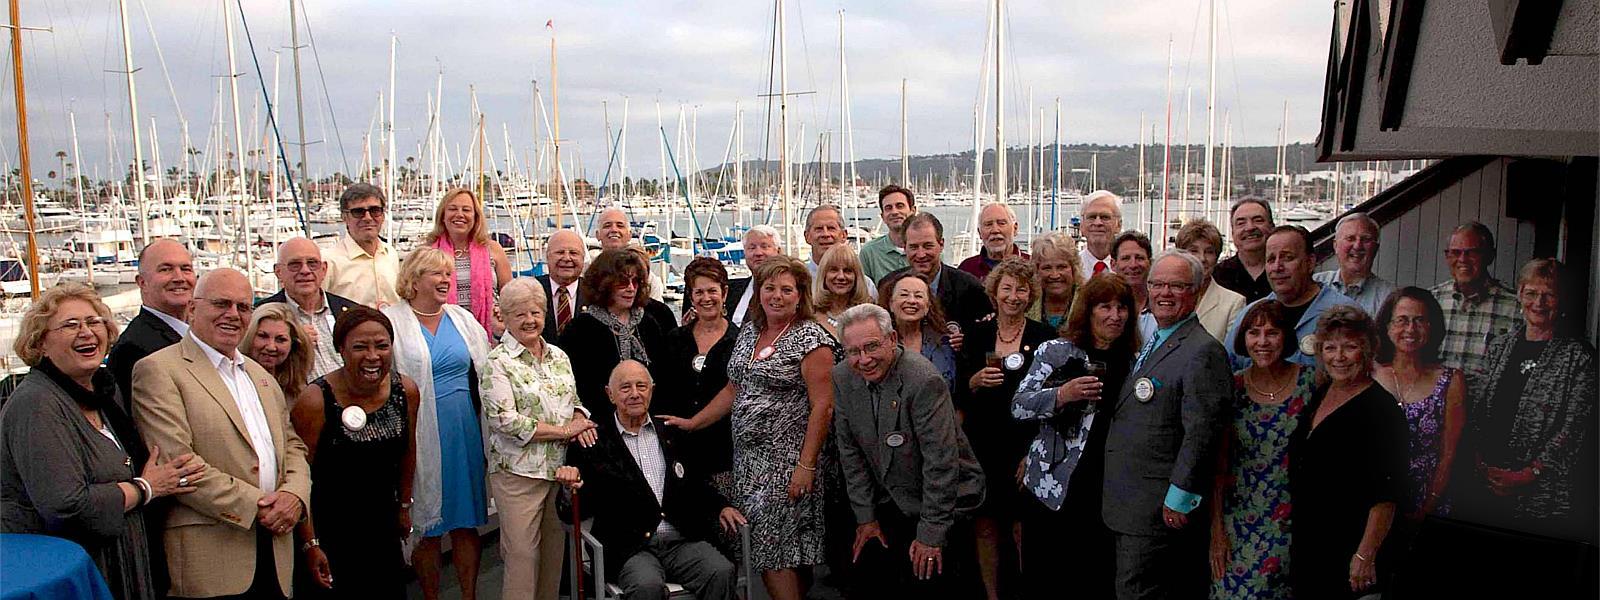 Point Loma Rotary Club